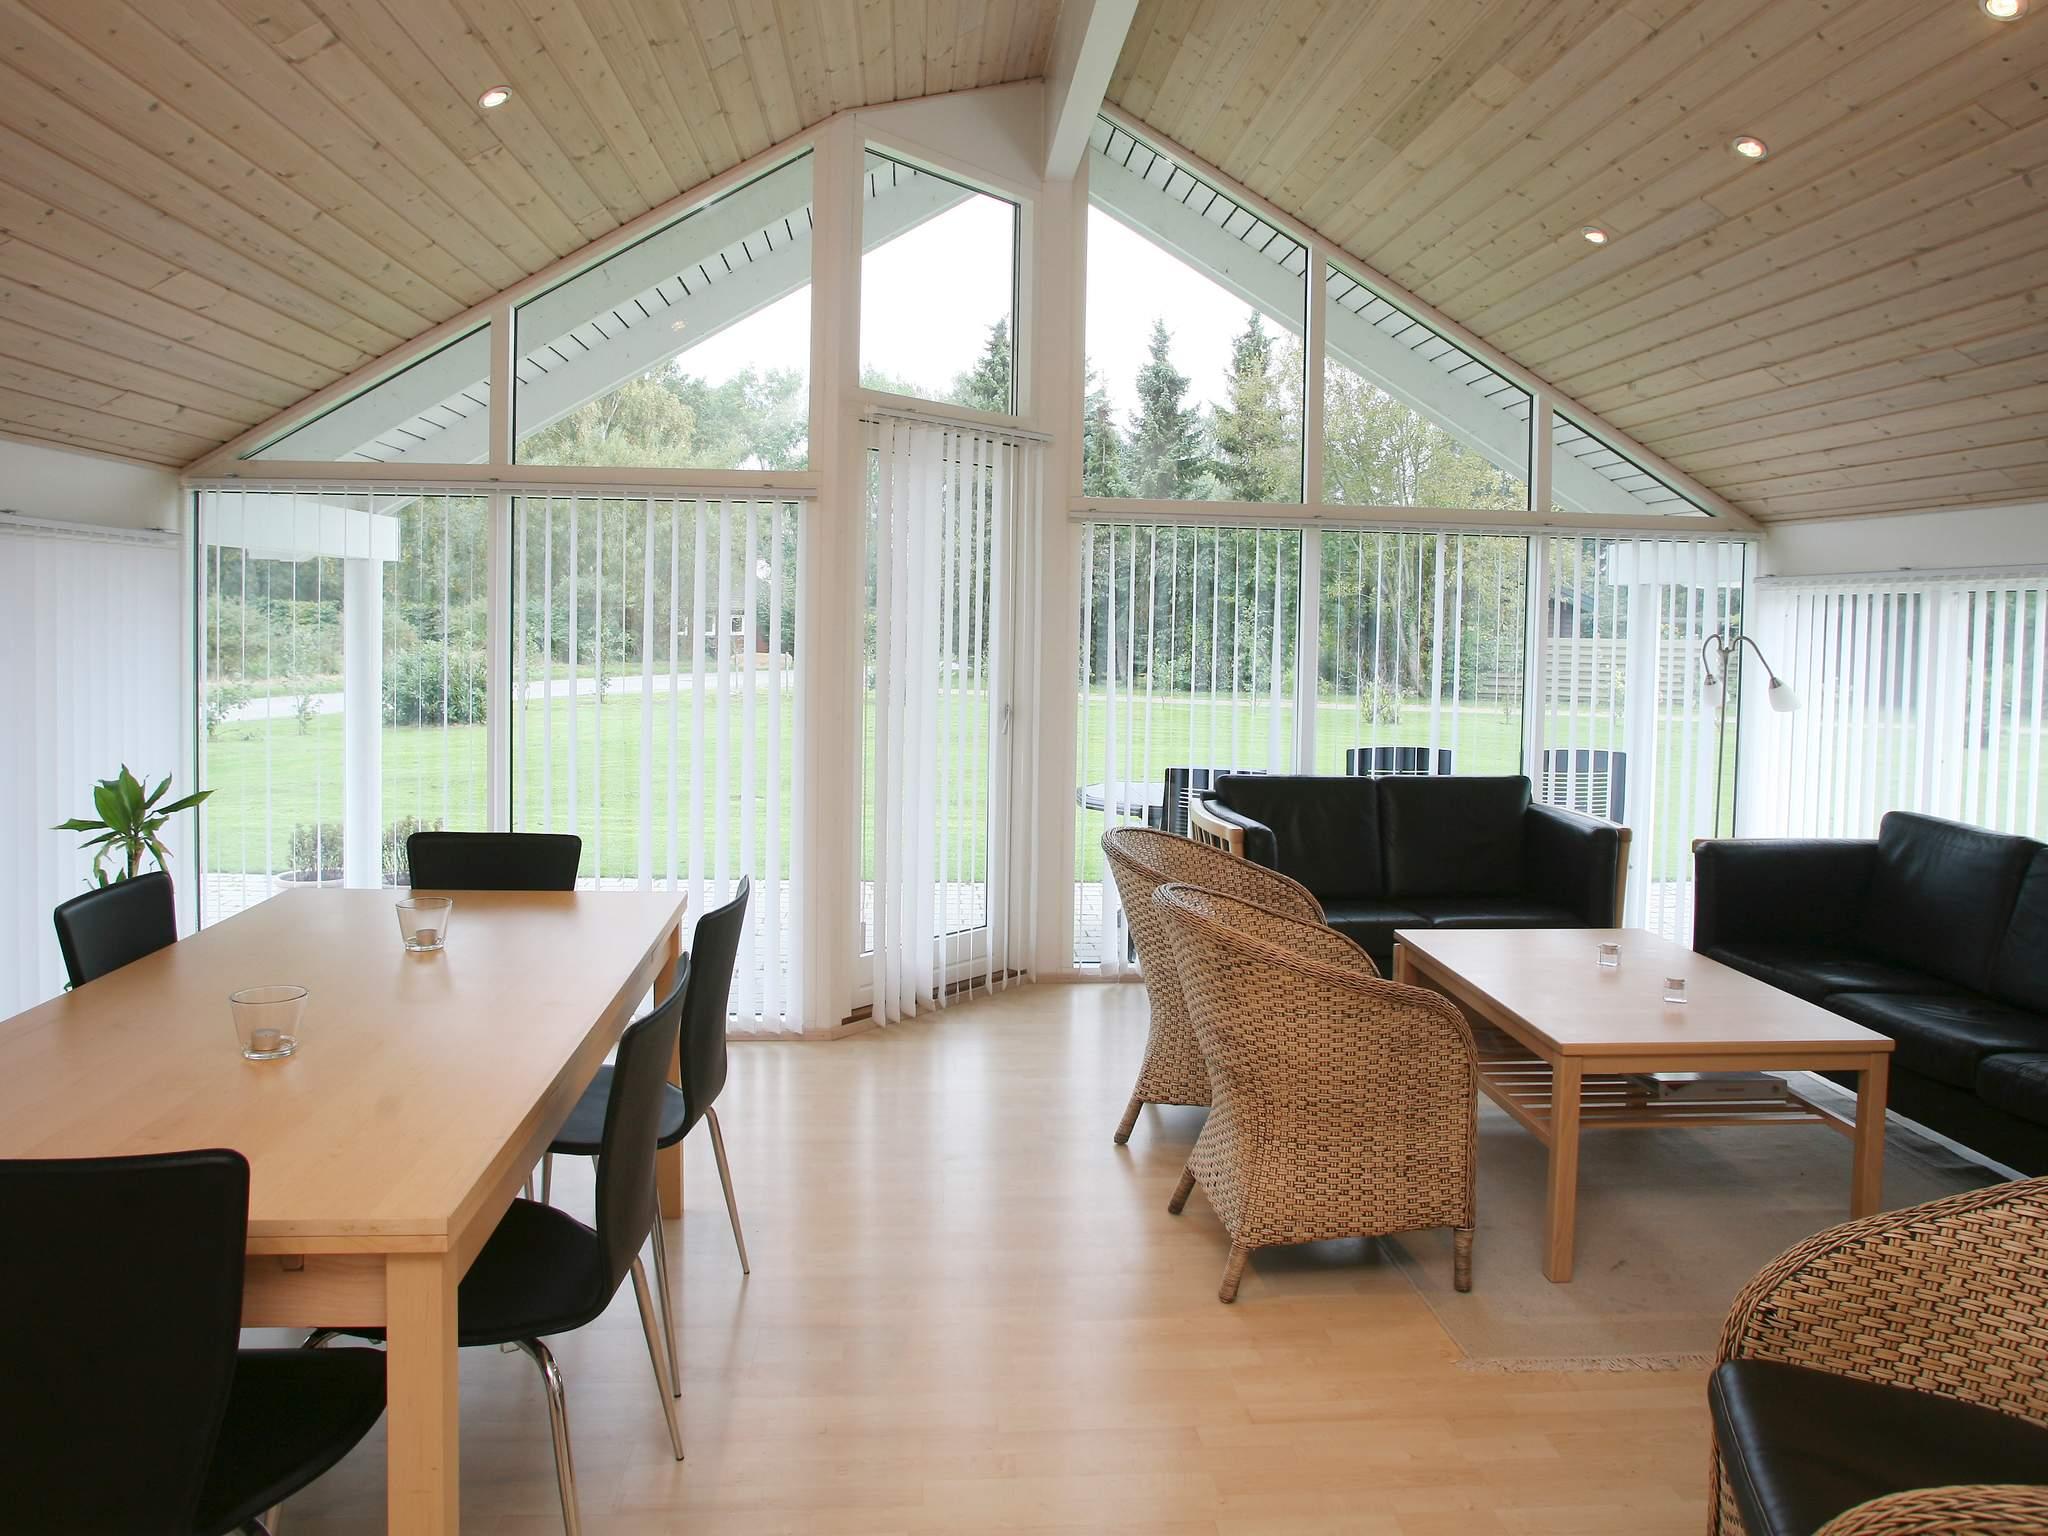 Ferienhaus Ulvshale (428757), Stege, , Møn, Dänemark, Bild 4